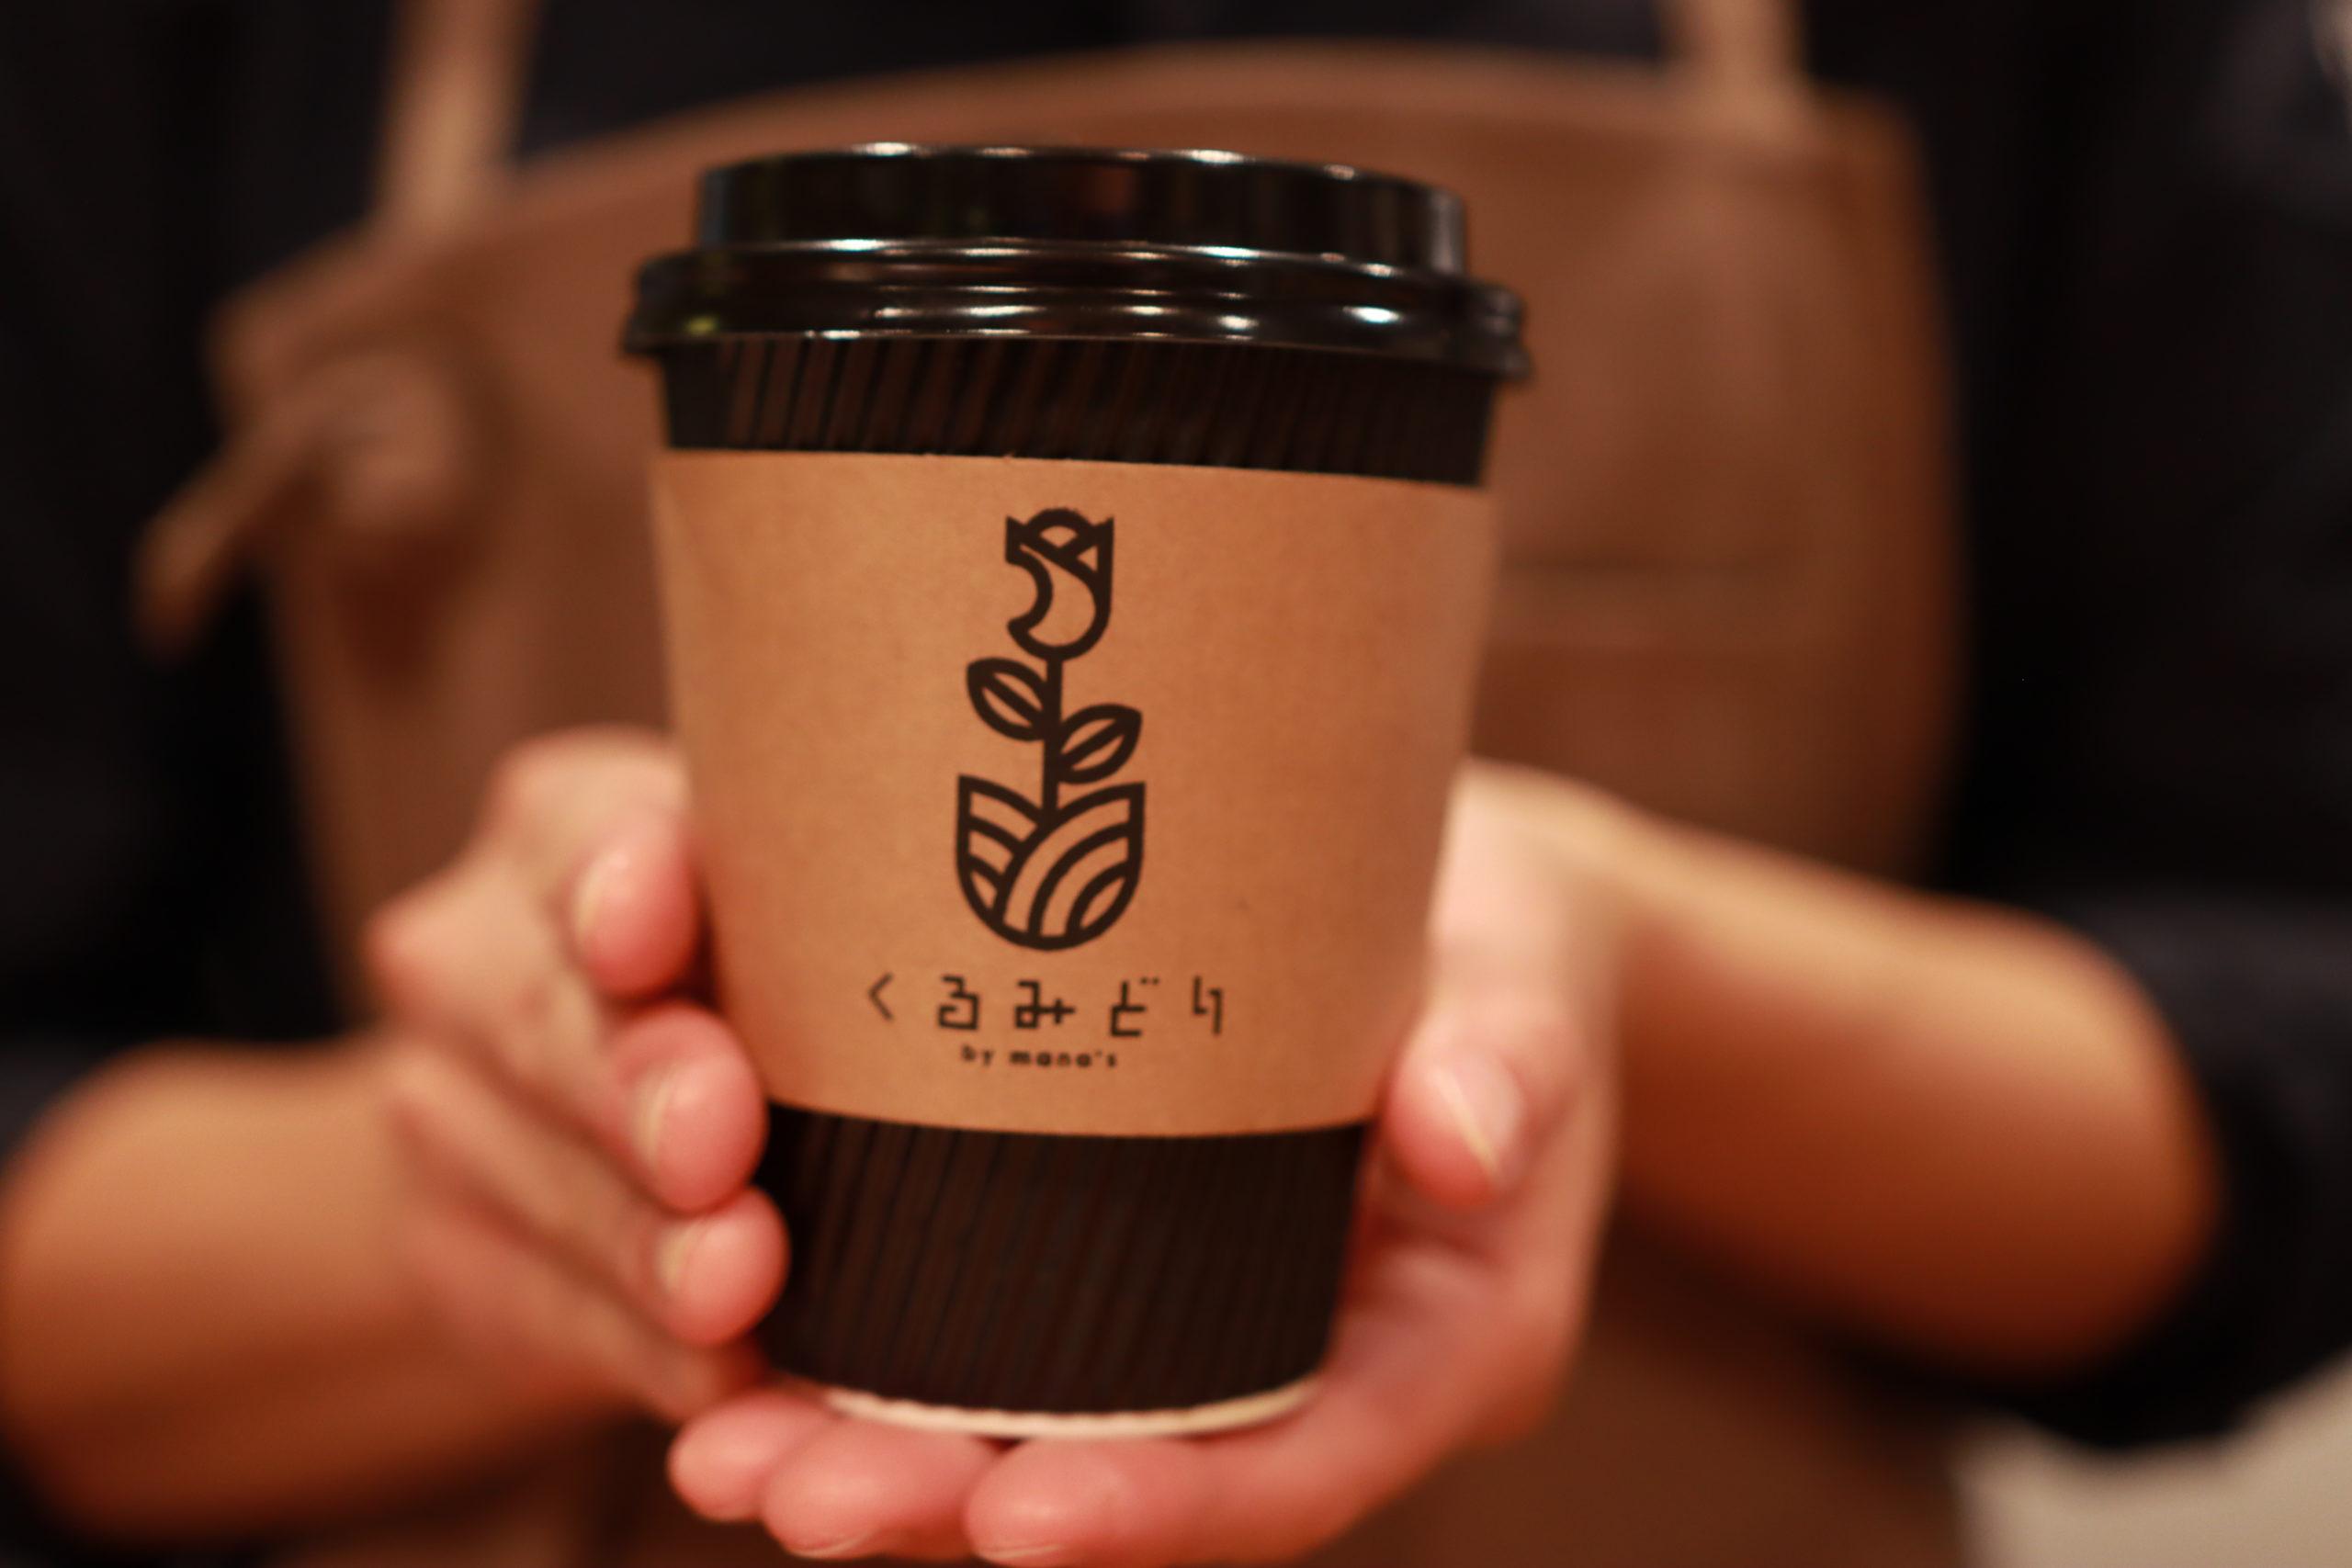 くるみどり コーヒー